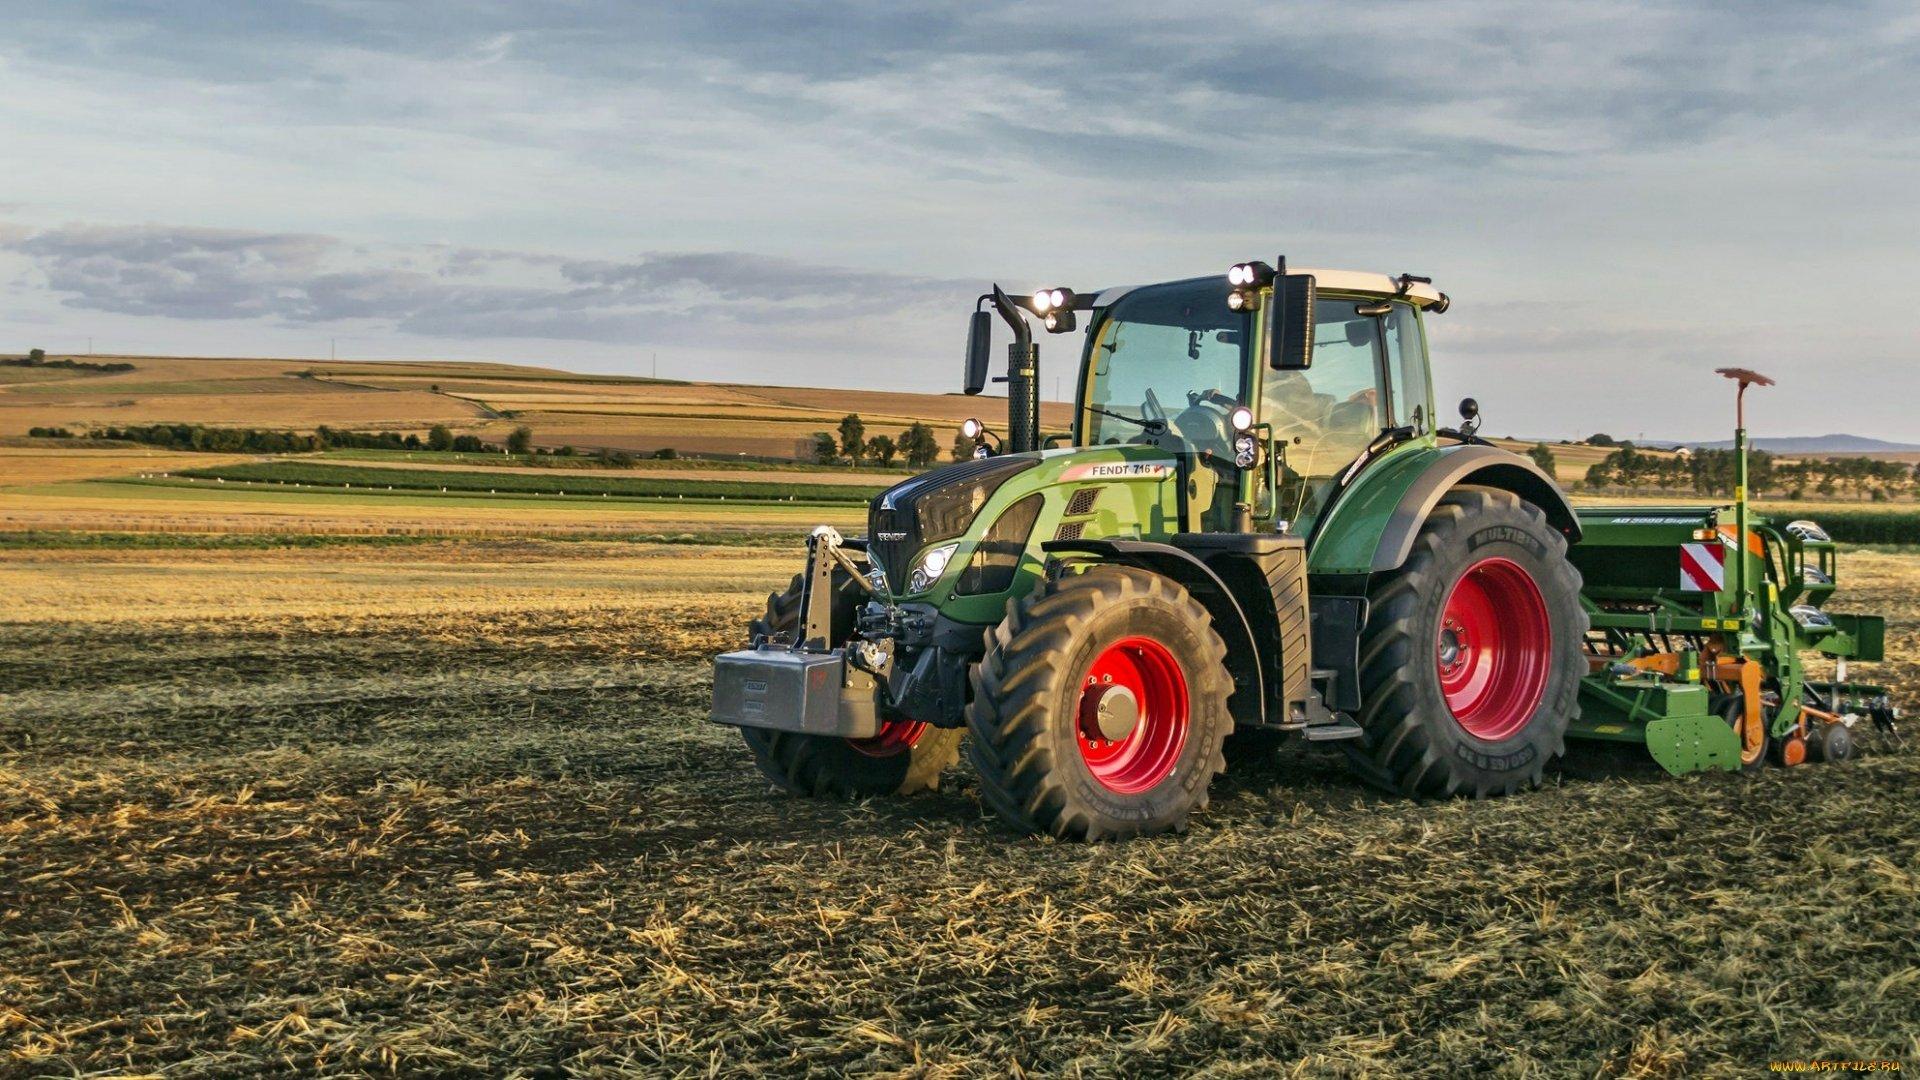 Tractor machine machinery vehicle wallpaper 1920x1080 1920x1080